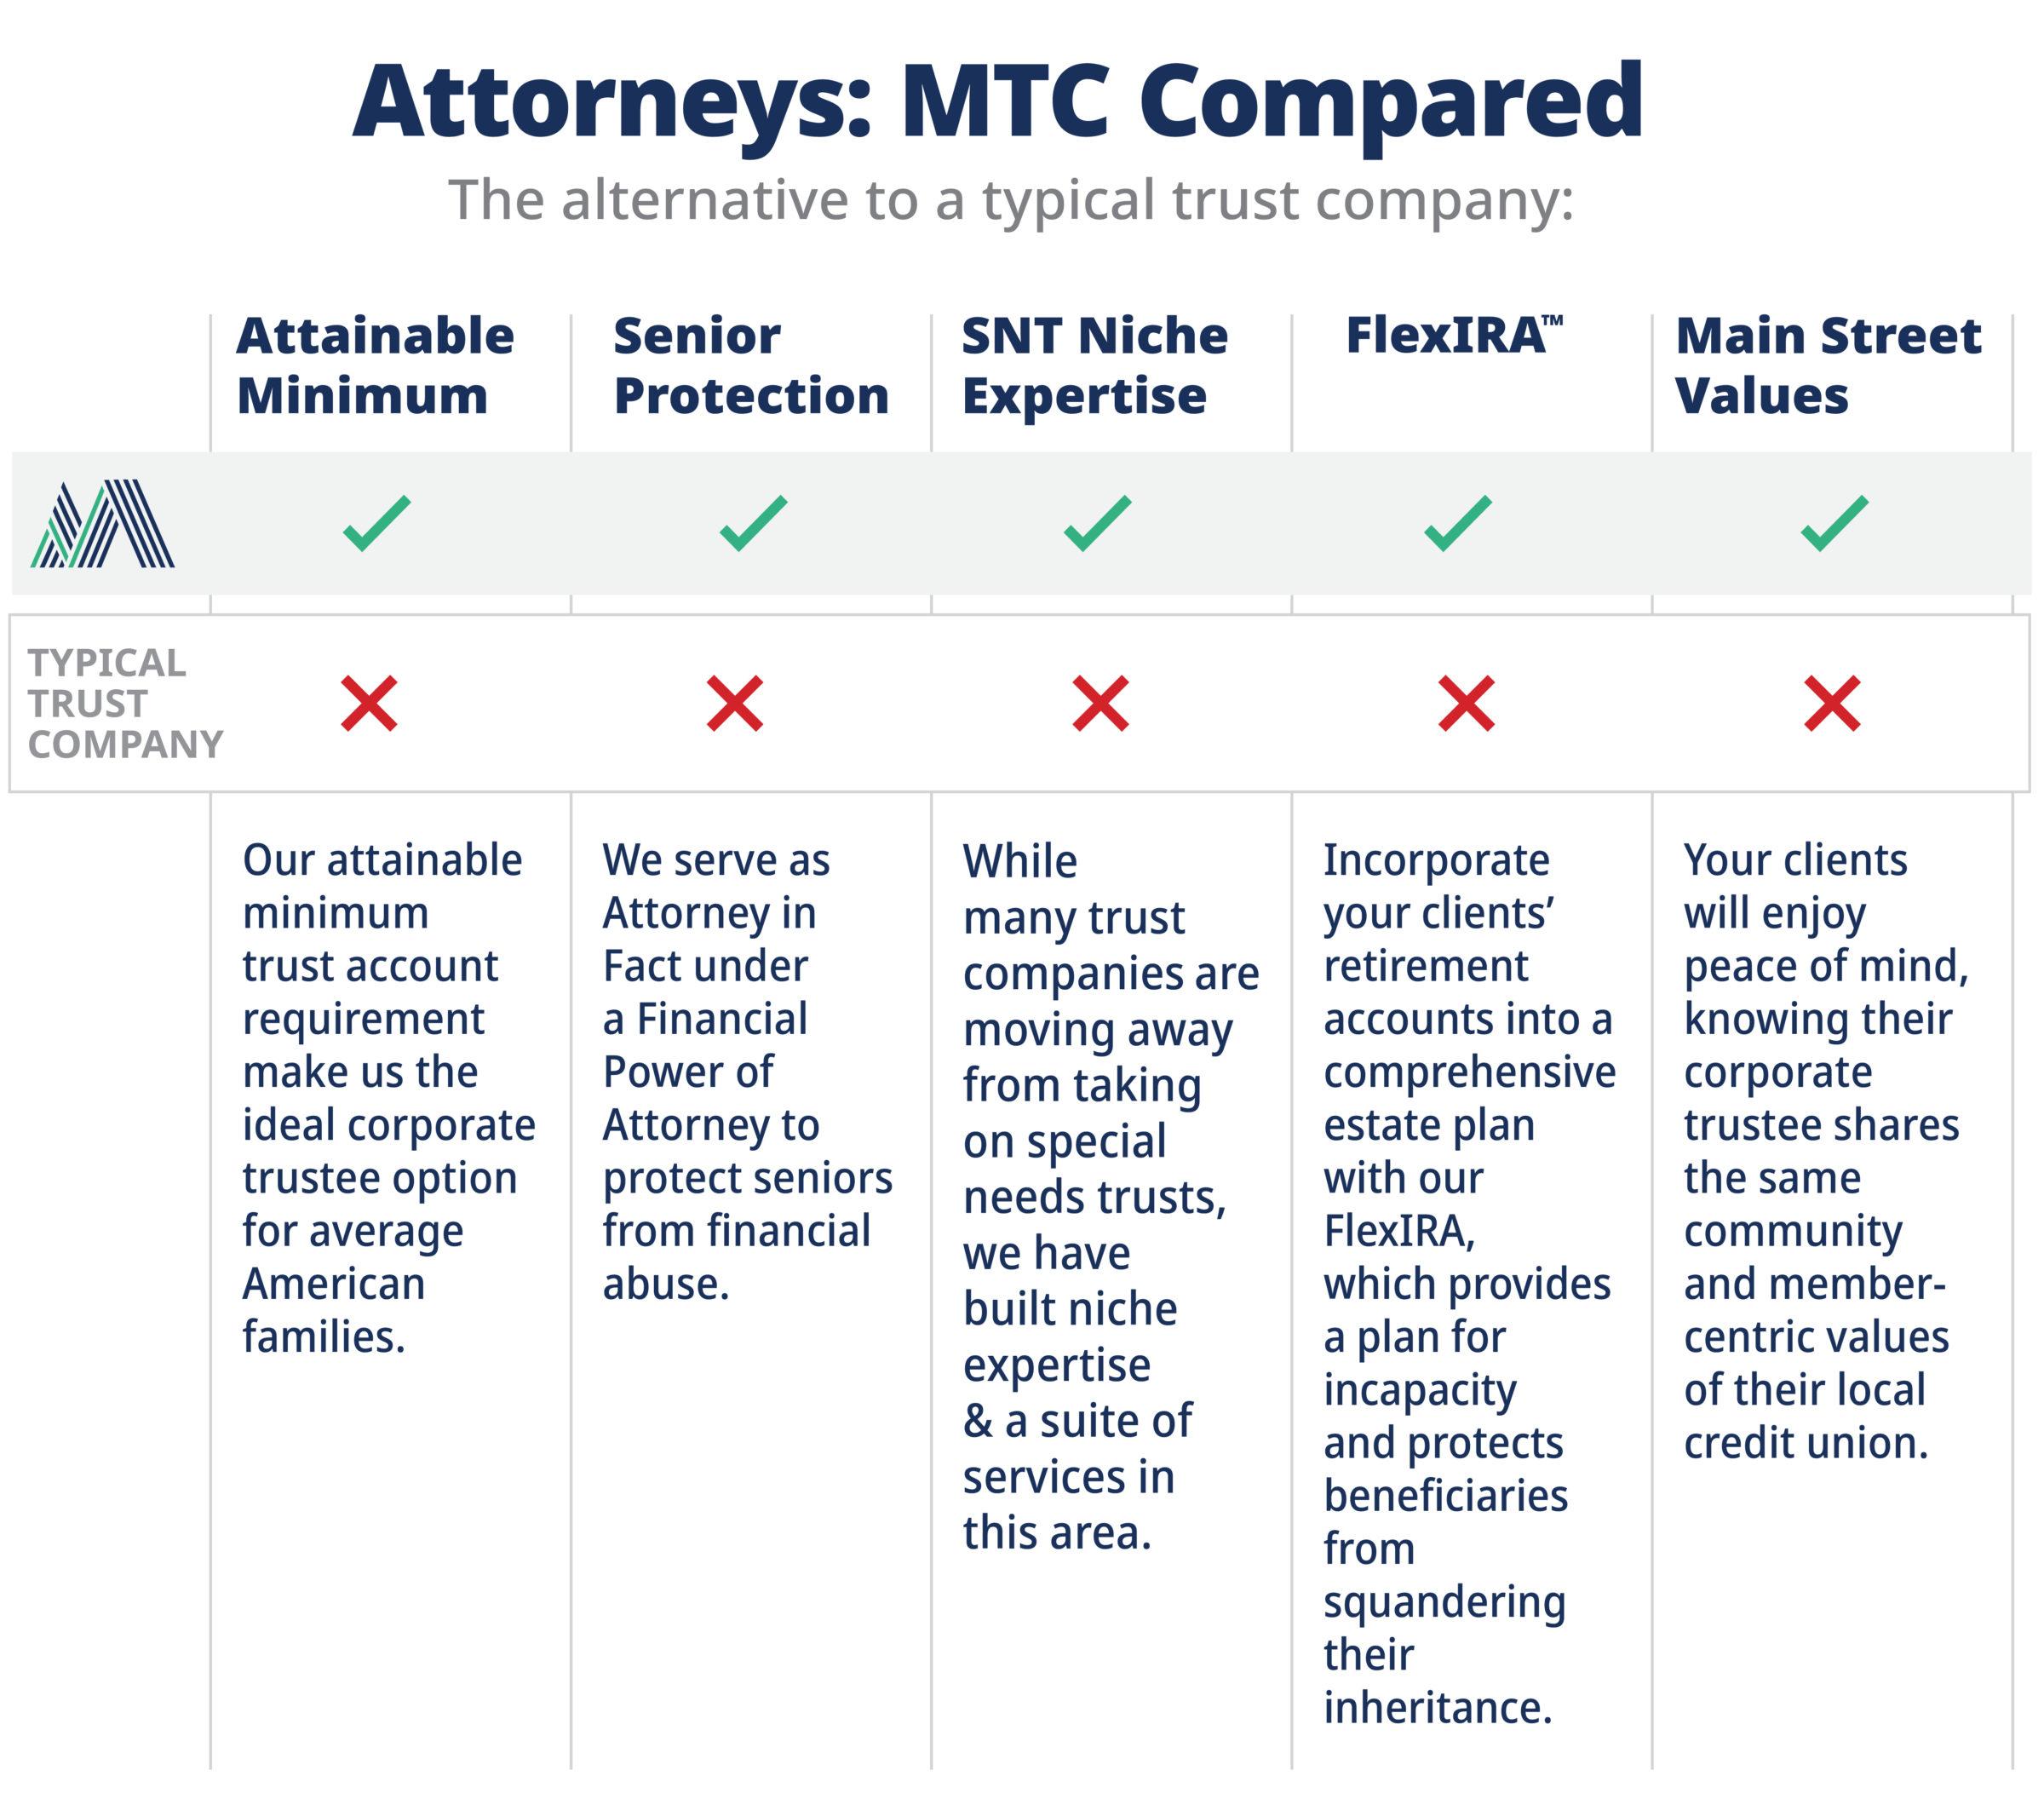 MTC - Compare companies chart